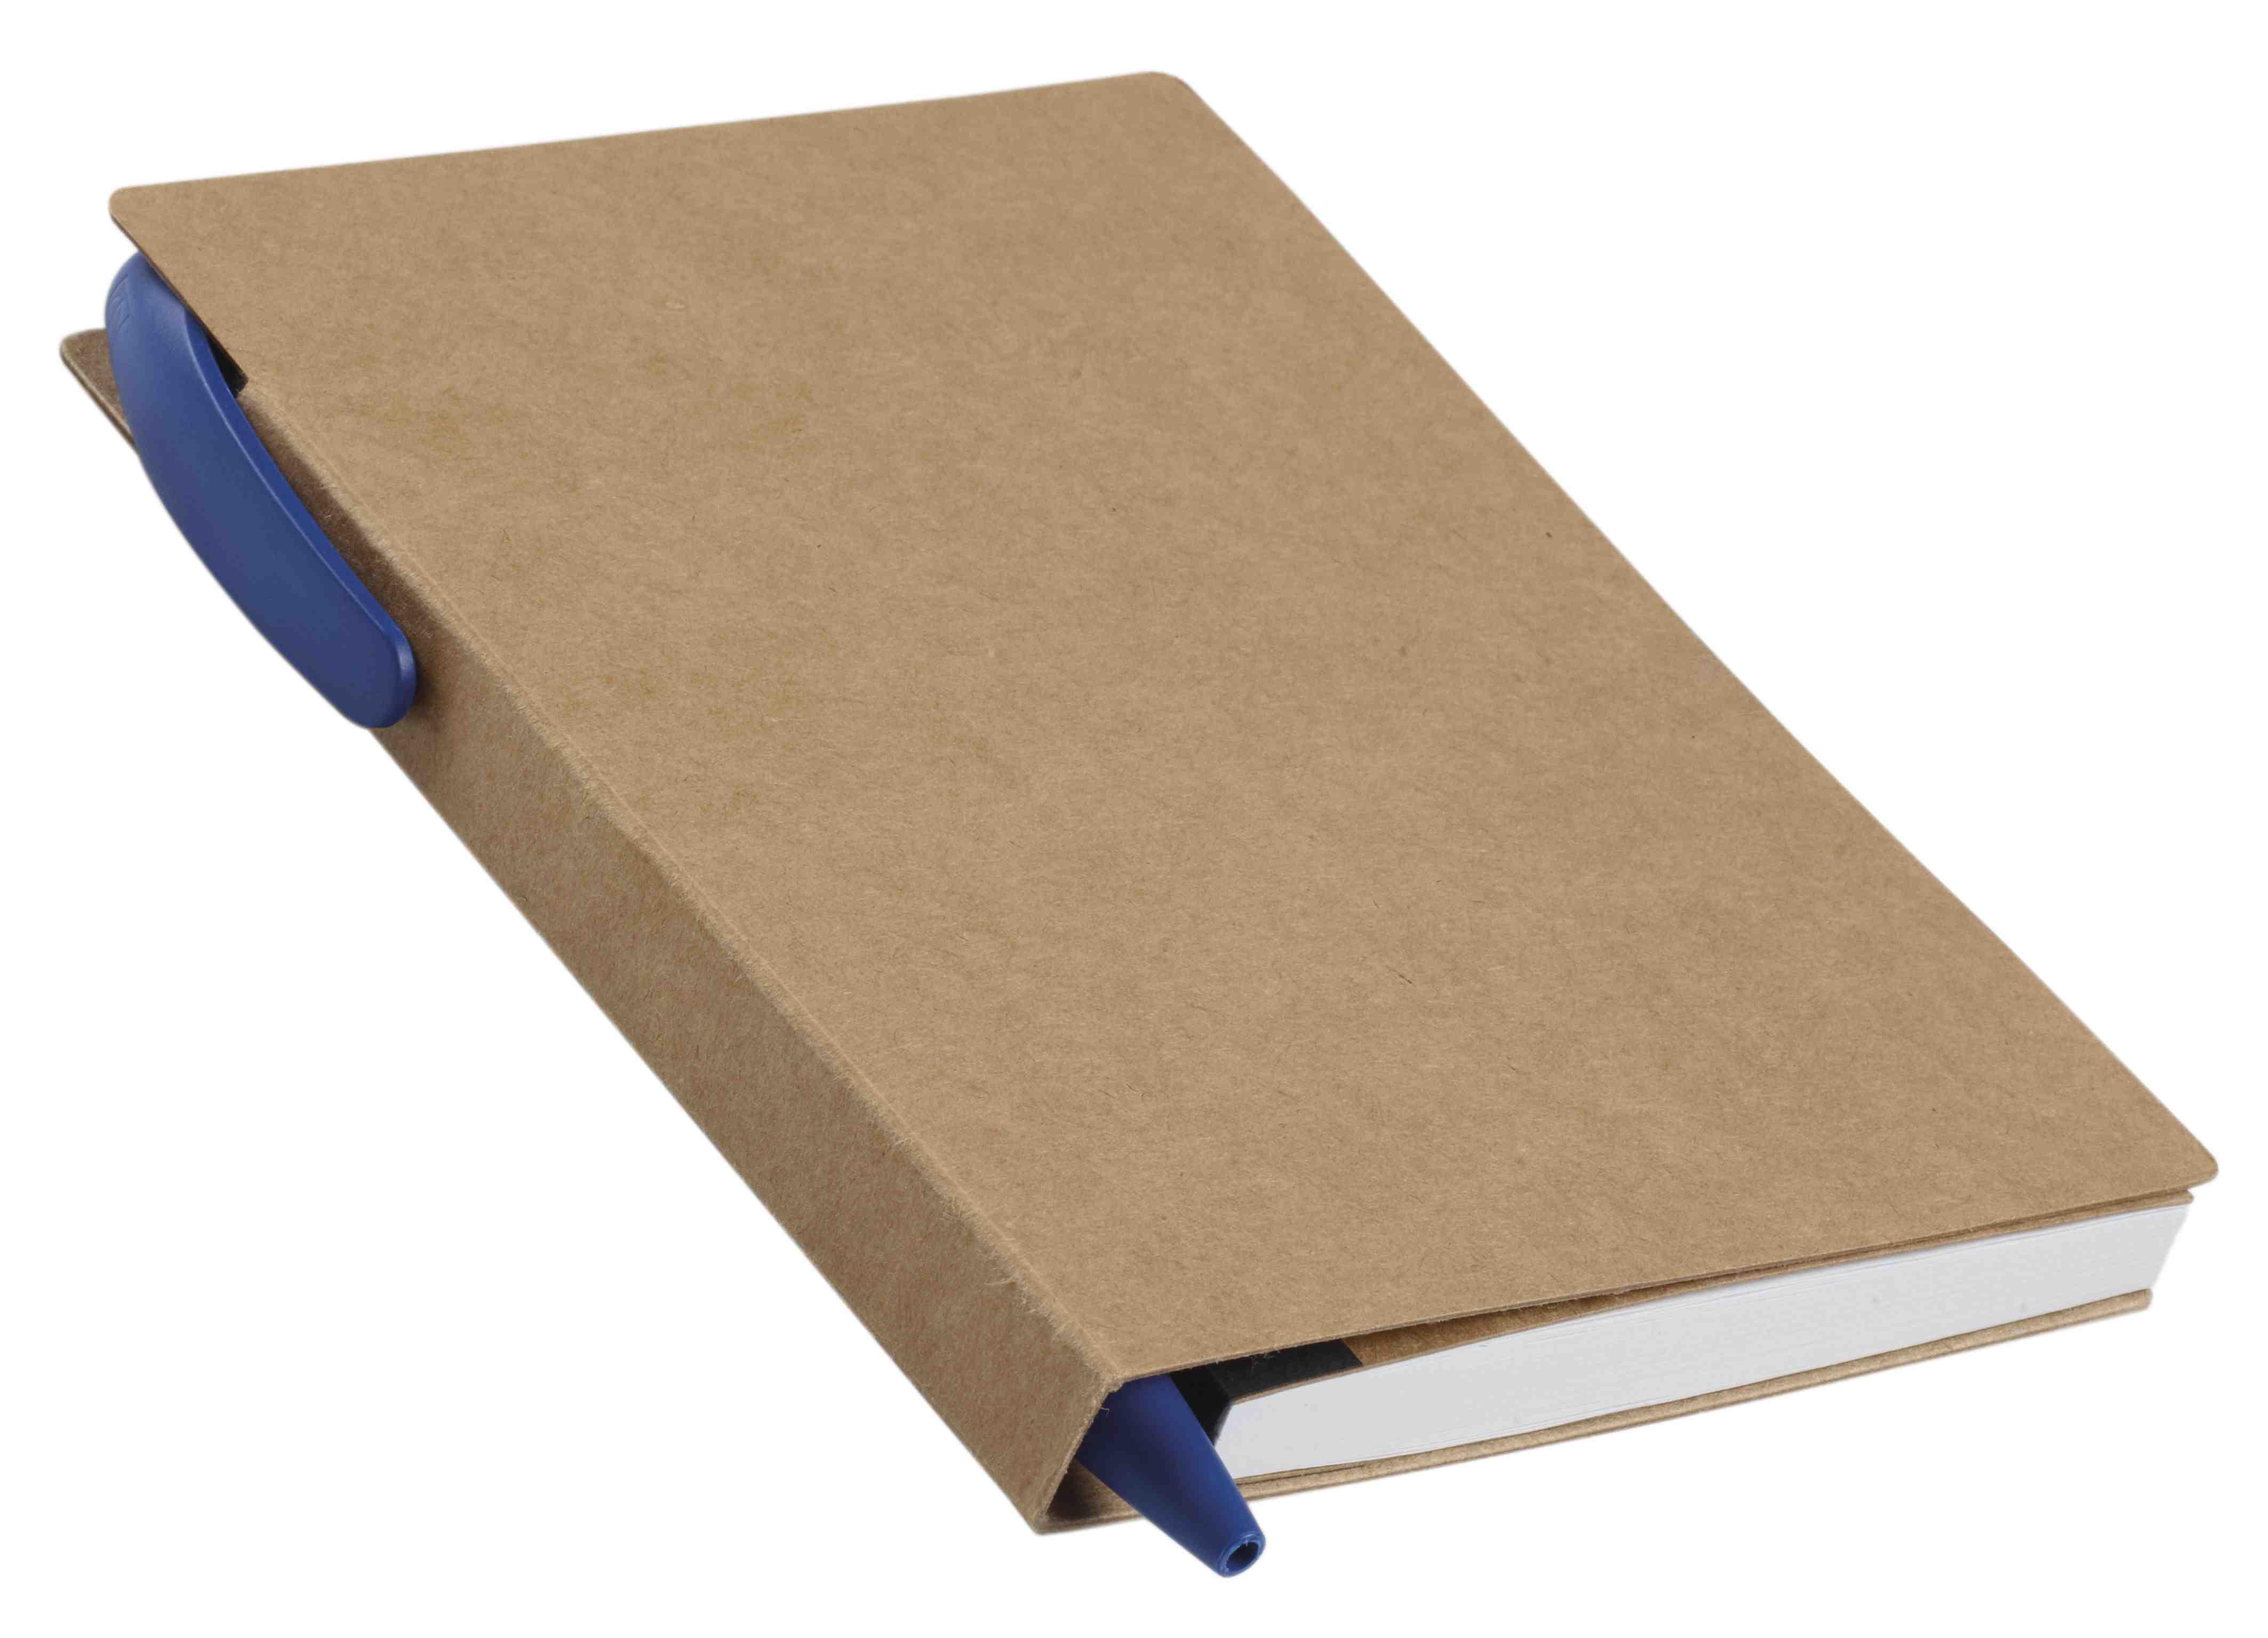 Carnet A6 publicitaire Note Paper Small - Cadeau d'entreprise